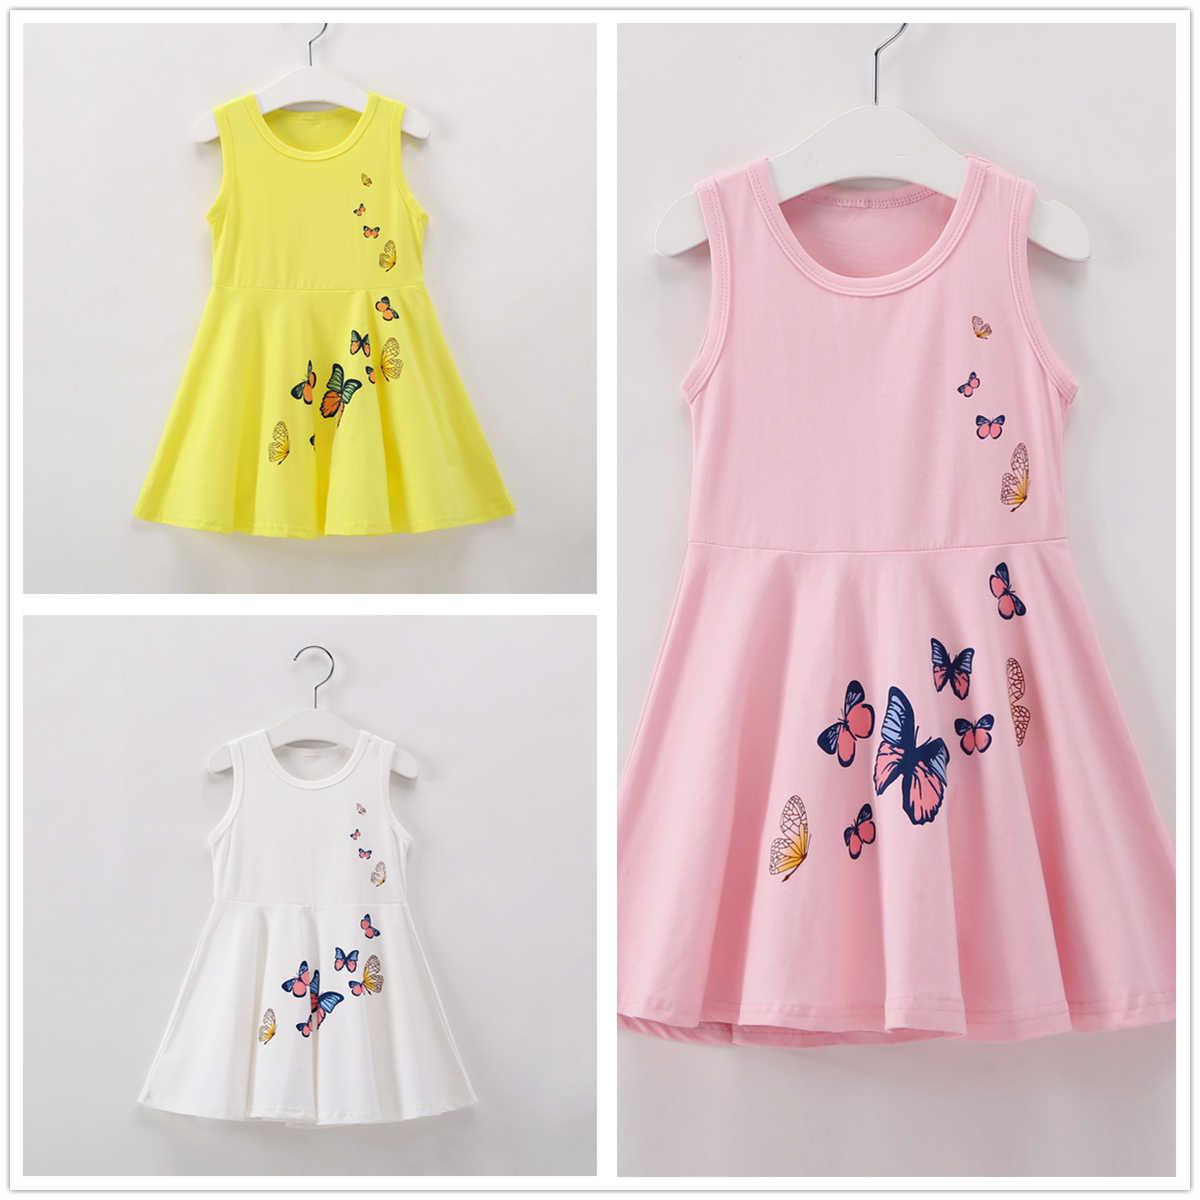 00e2b50a47c5a 2-7Y niños niña vestido de verano de las niñas de cumpleaños blanco  princesa vestido